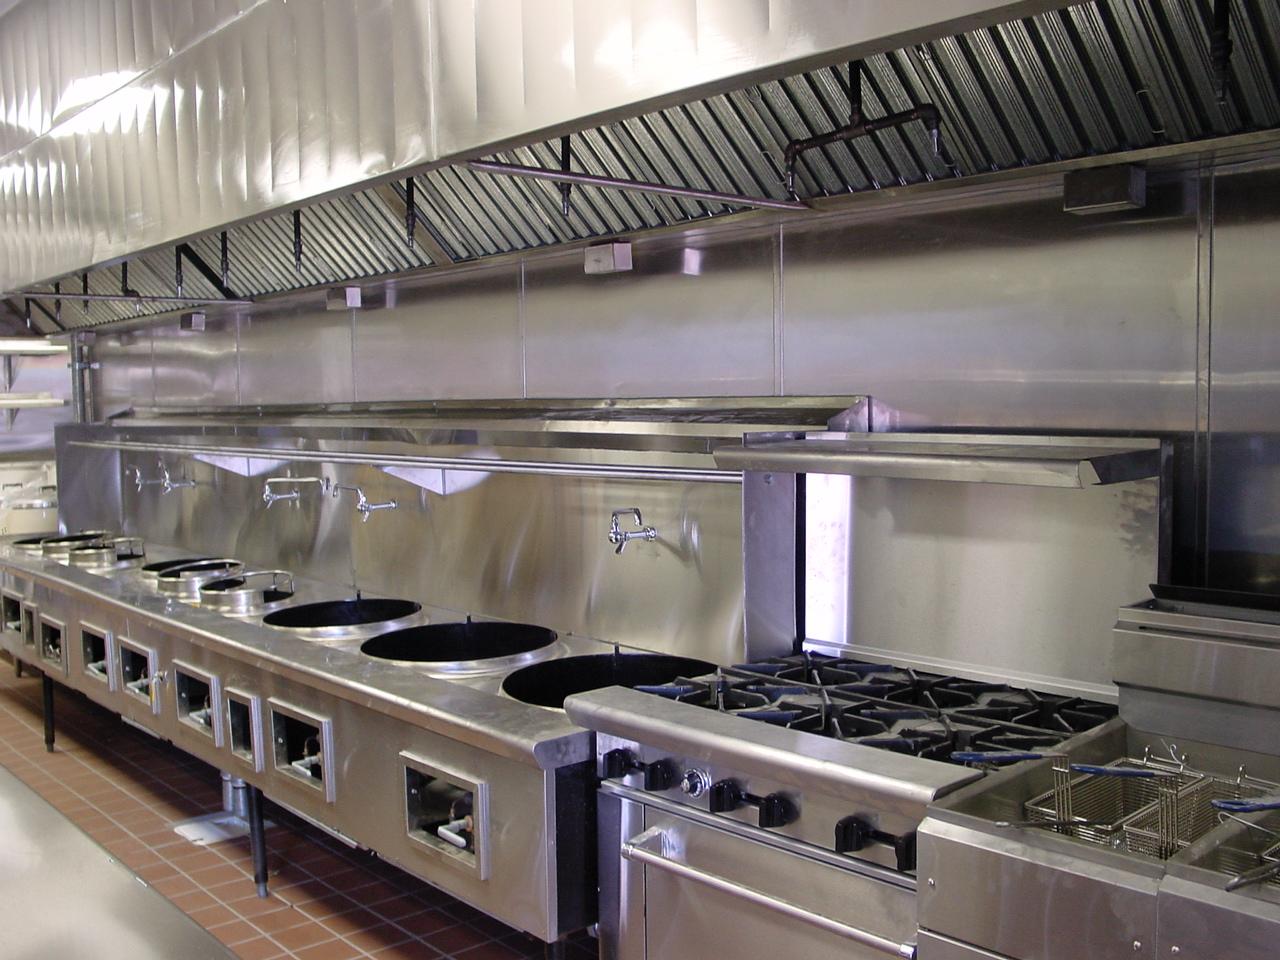 Restaurant Pressure Washing Denver Aurora Centennial